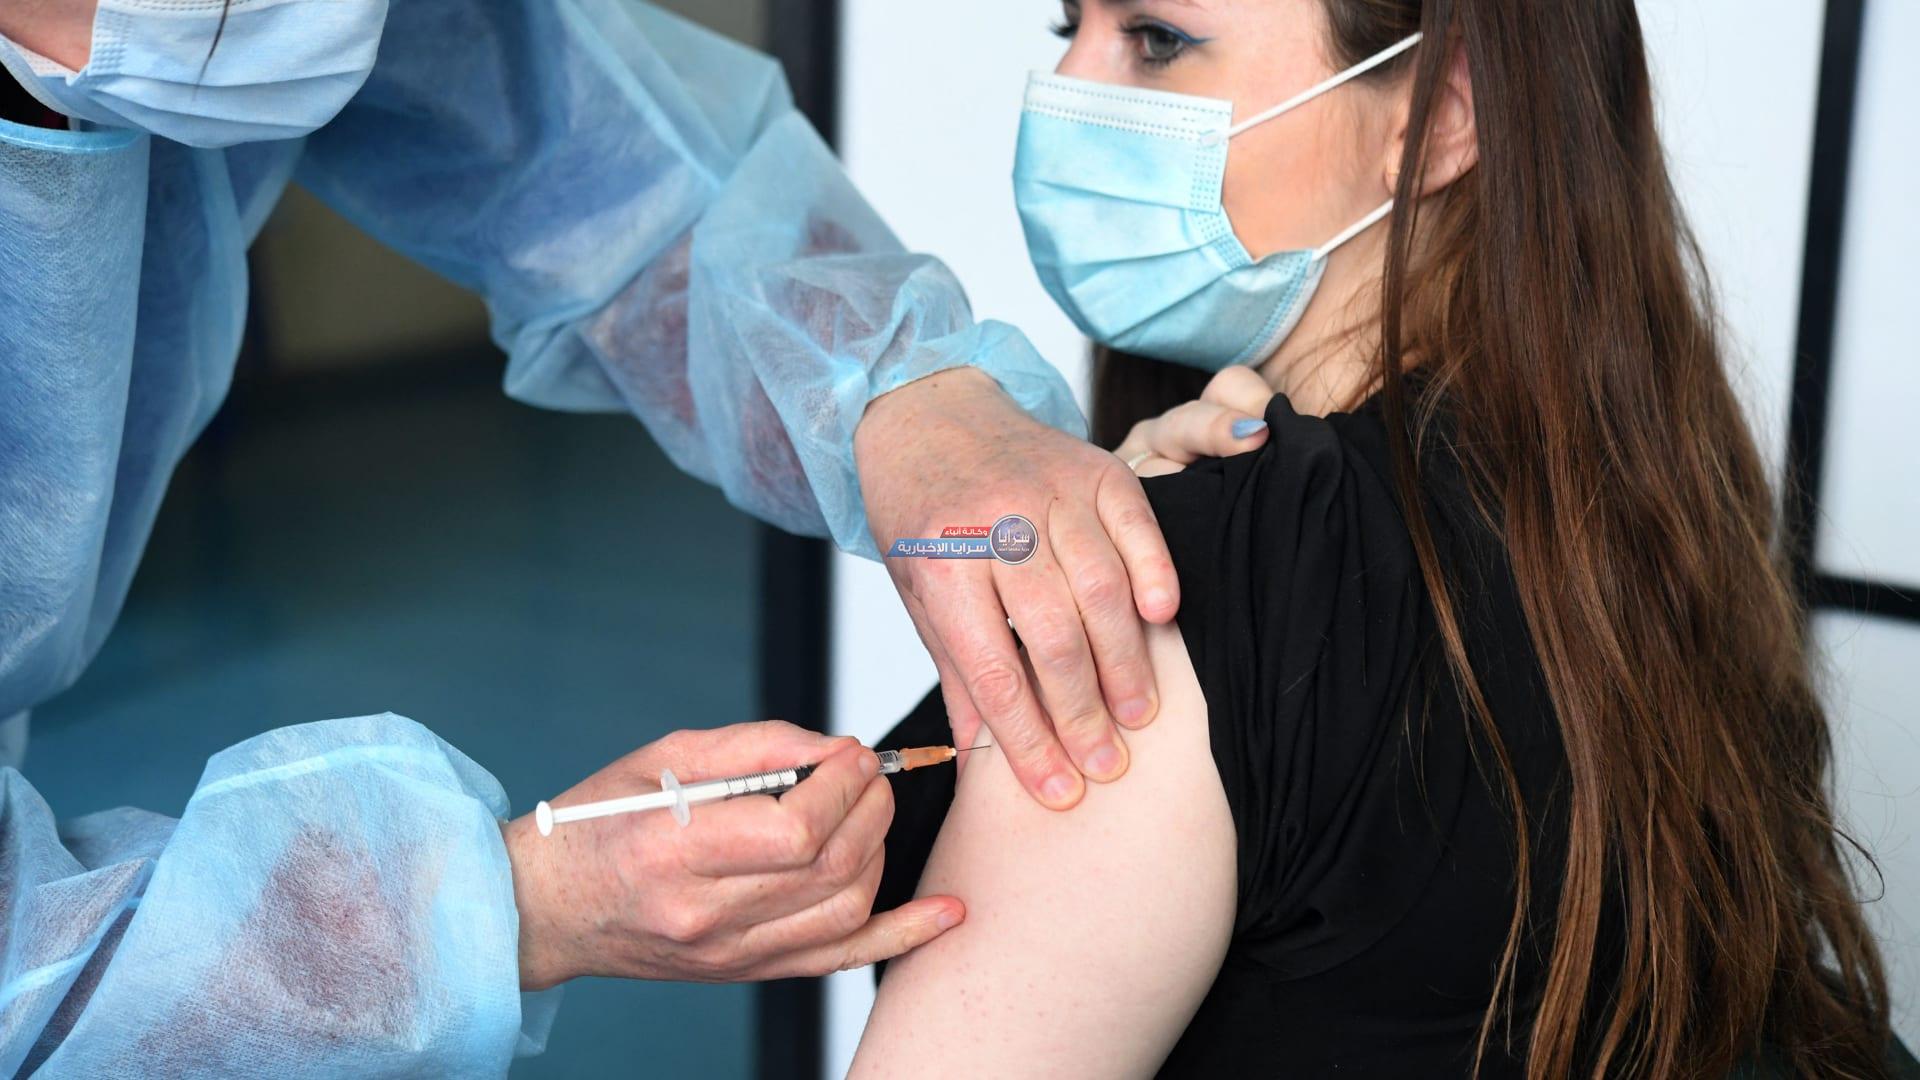 نقيب الصيادلة: لقاح كورونا لا يحمي من الإنفلونزا الموسمية